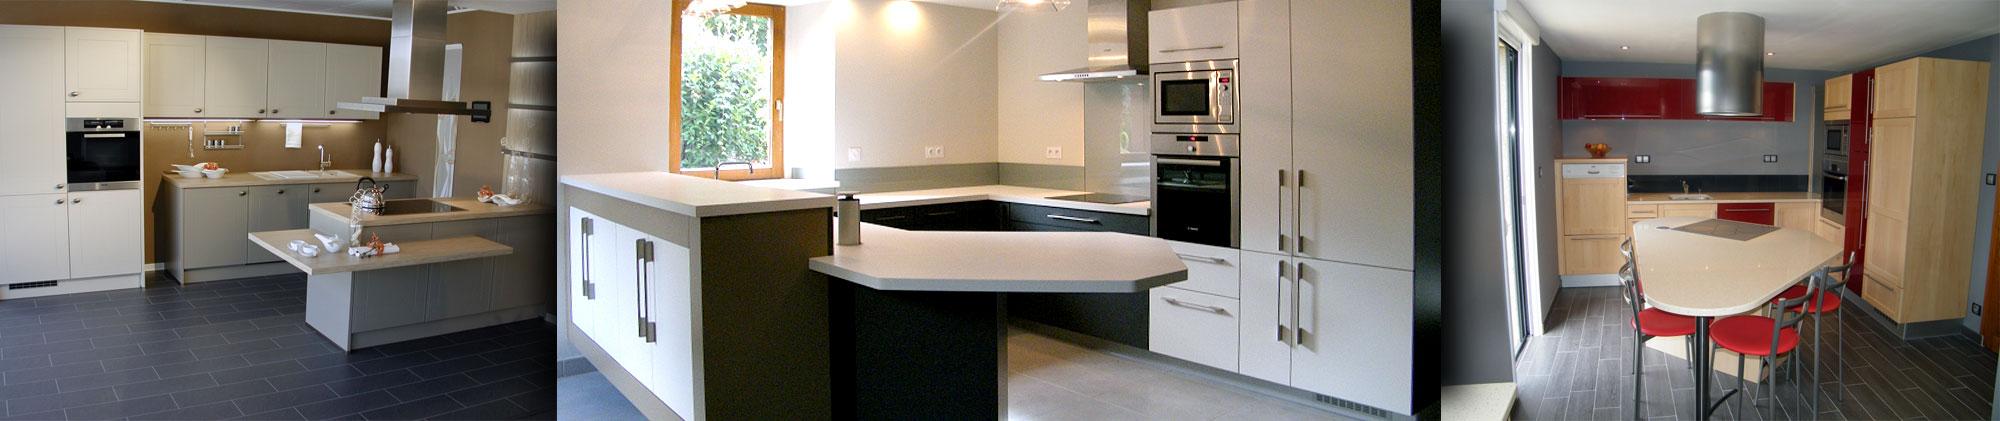 Salle De Bain Cuisine ~ photo de r alisations de cuisine salle de bain am nagement